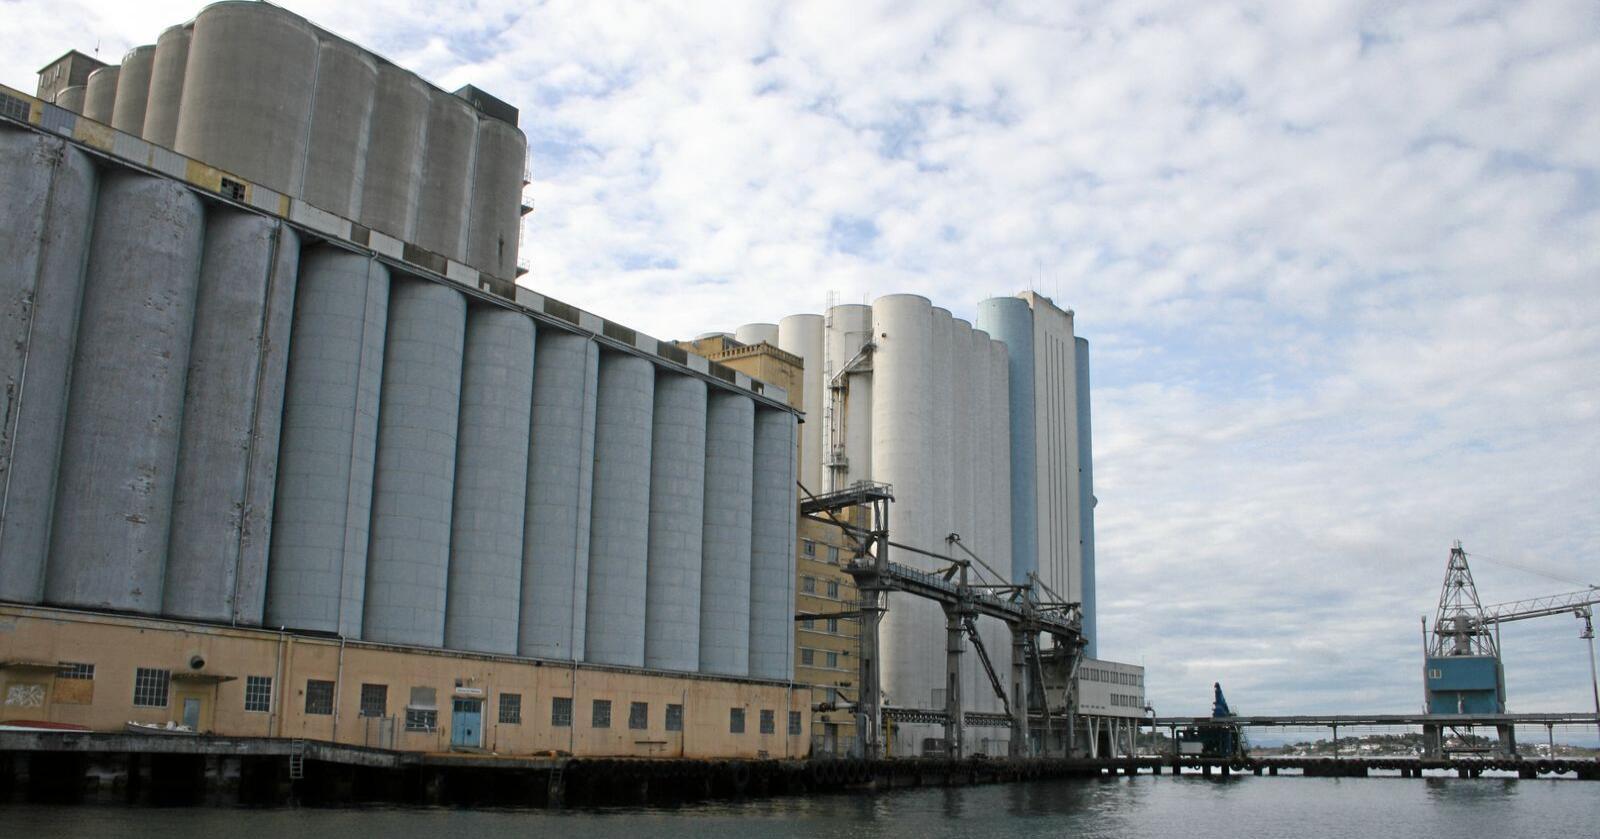 Korngigant: Stavanger Havnesilo, som er dei to bakre kvite og grå silokroppane på fotoet, er Nord-Europas største kornlager. Nå kan det tidlegare beredskapslager for korn bli omgjort til bustader. Siloane framme til venstre er ikkje ein del av anlegget og er ikkje i bruk. Foto: Bjarne Bekkeheien Aase